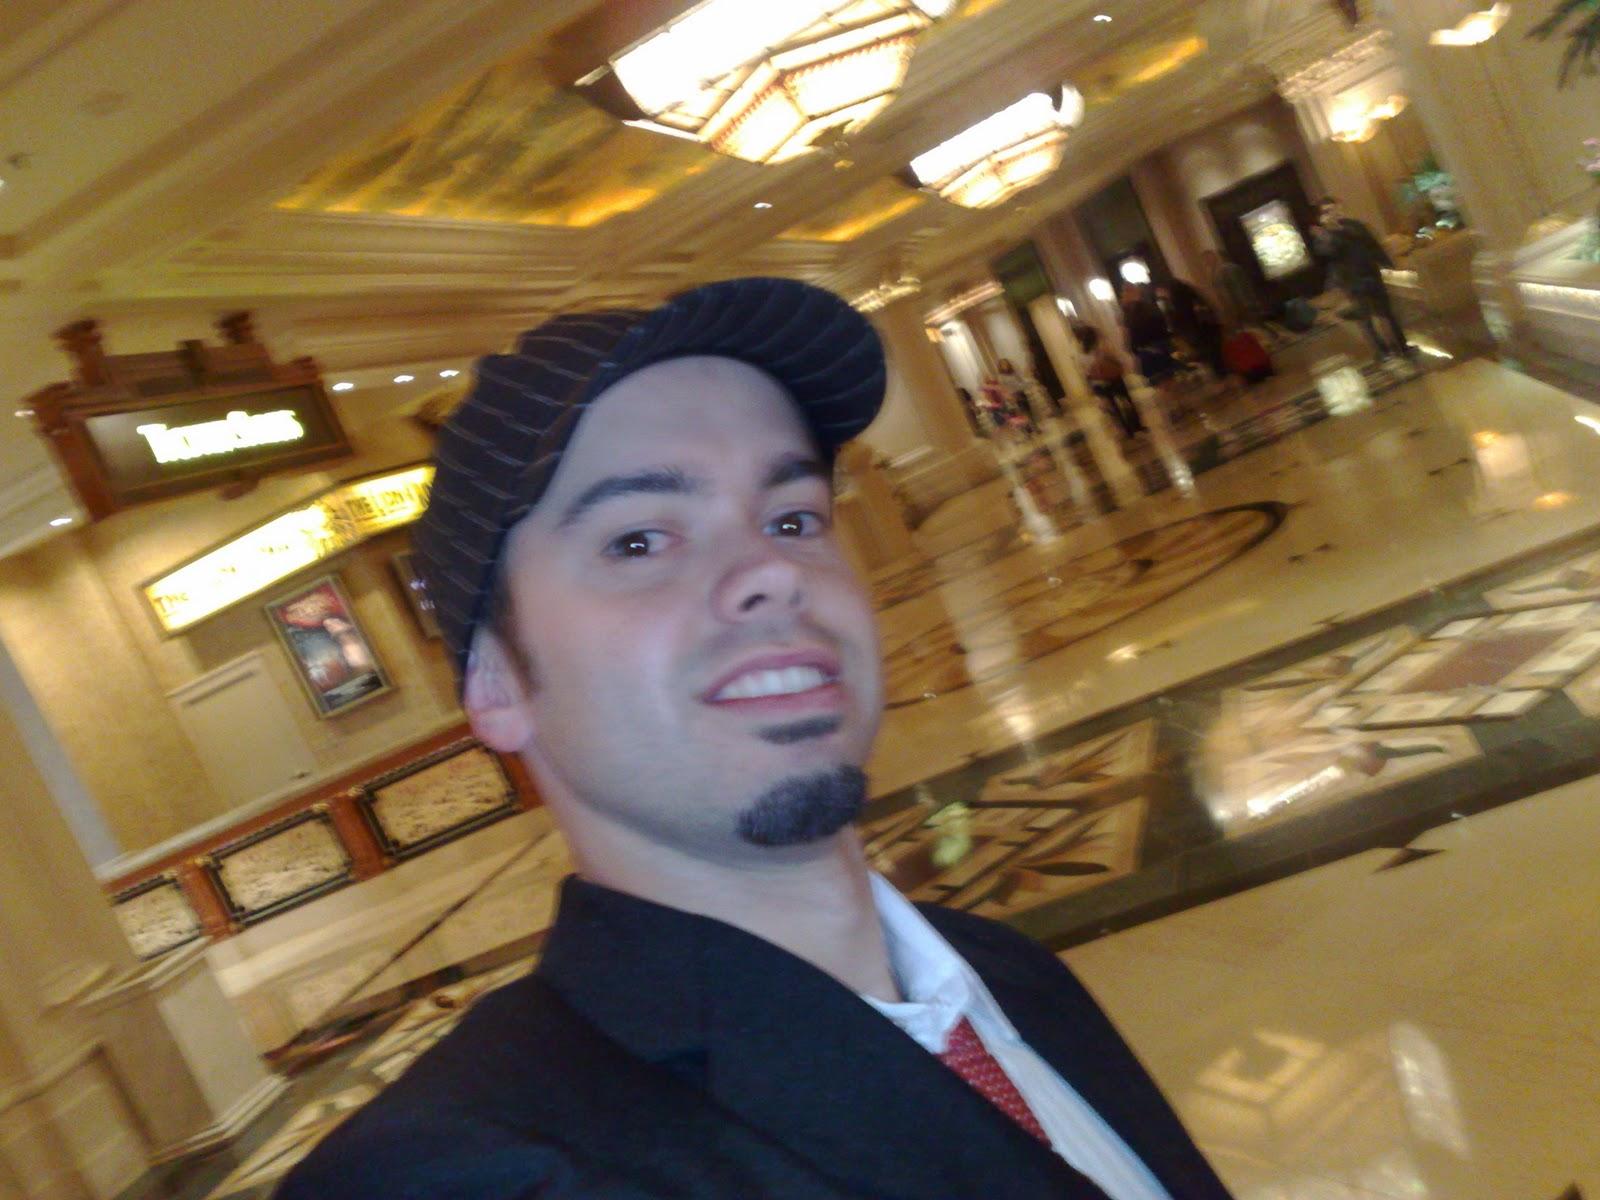 http://1.bp.blogspot.com/_3OpacHIA94I/TT-UvnJfXfI/AAAAAAAAAEY/d_c-hlp6Ad0/s1600/061120091327.jpg